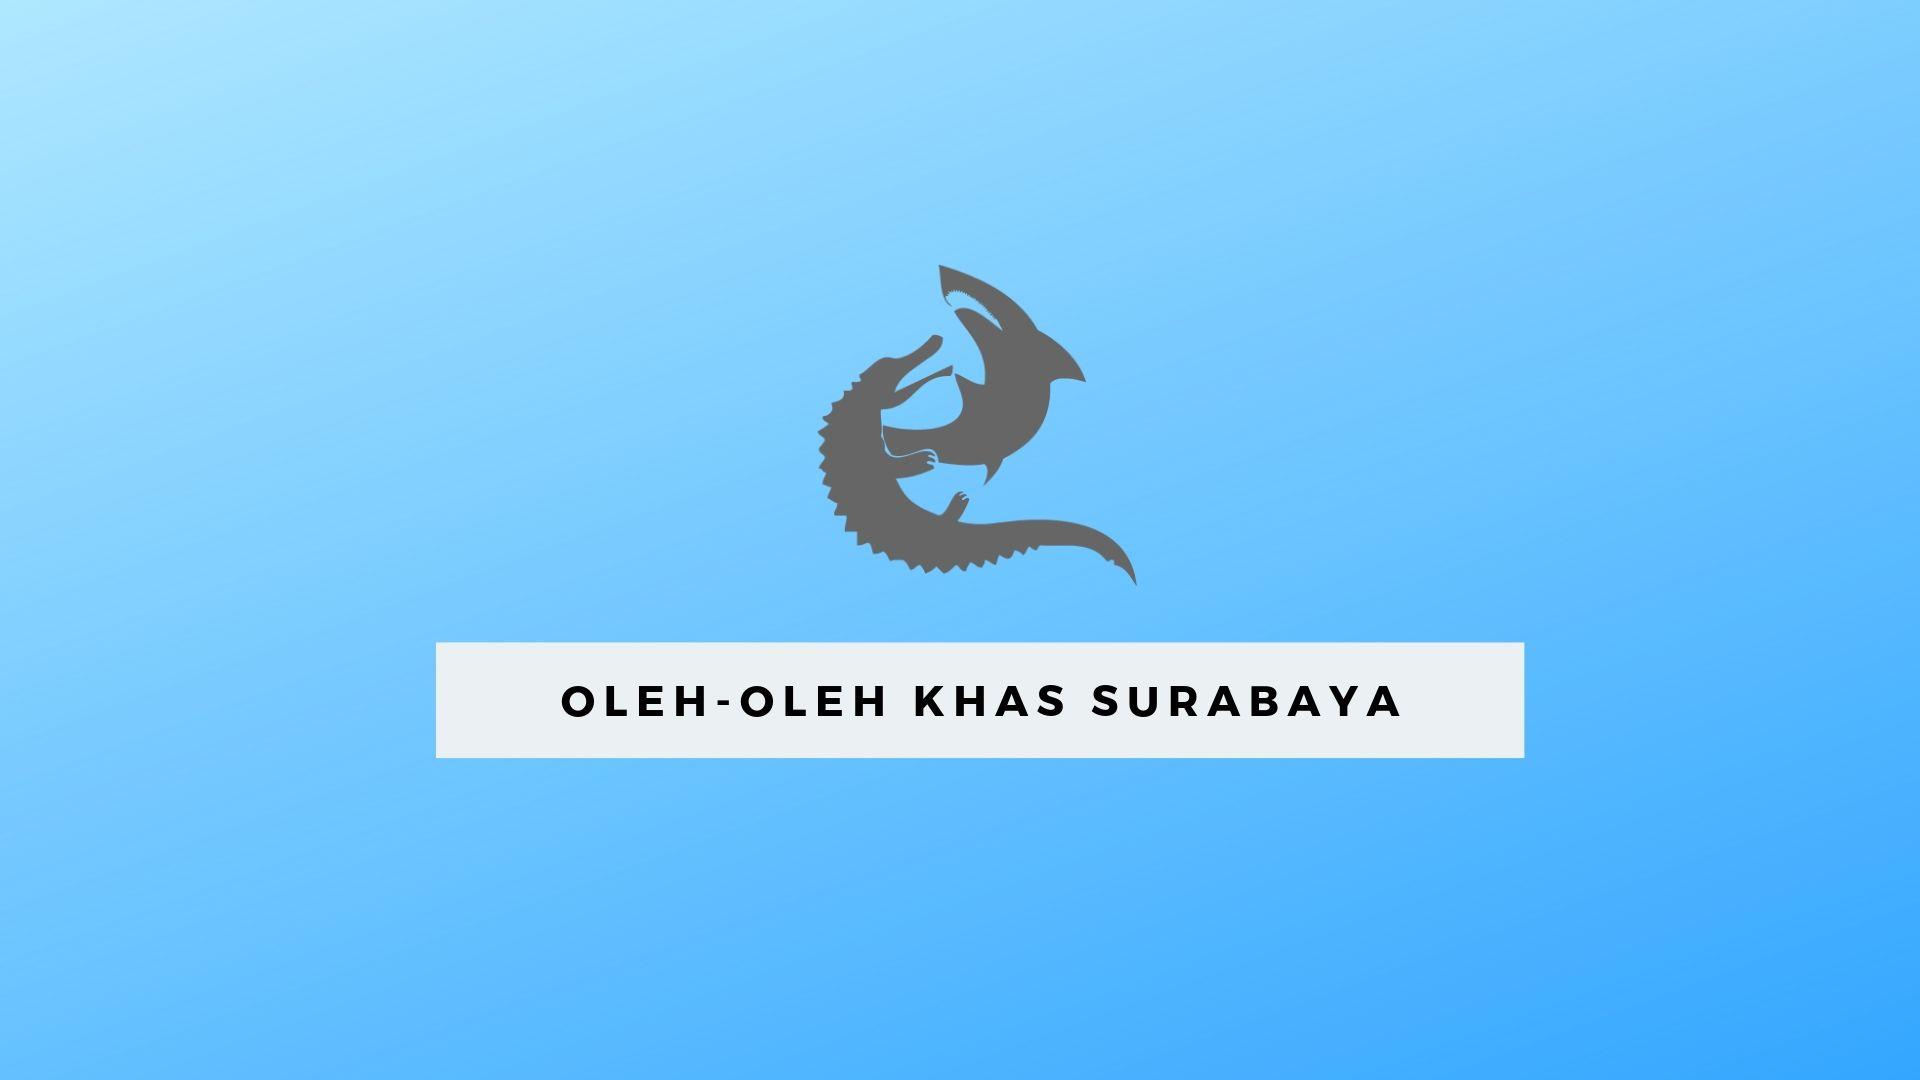 Oleh oleh dari surabaya